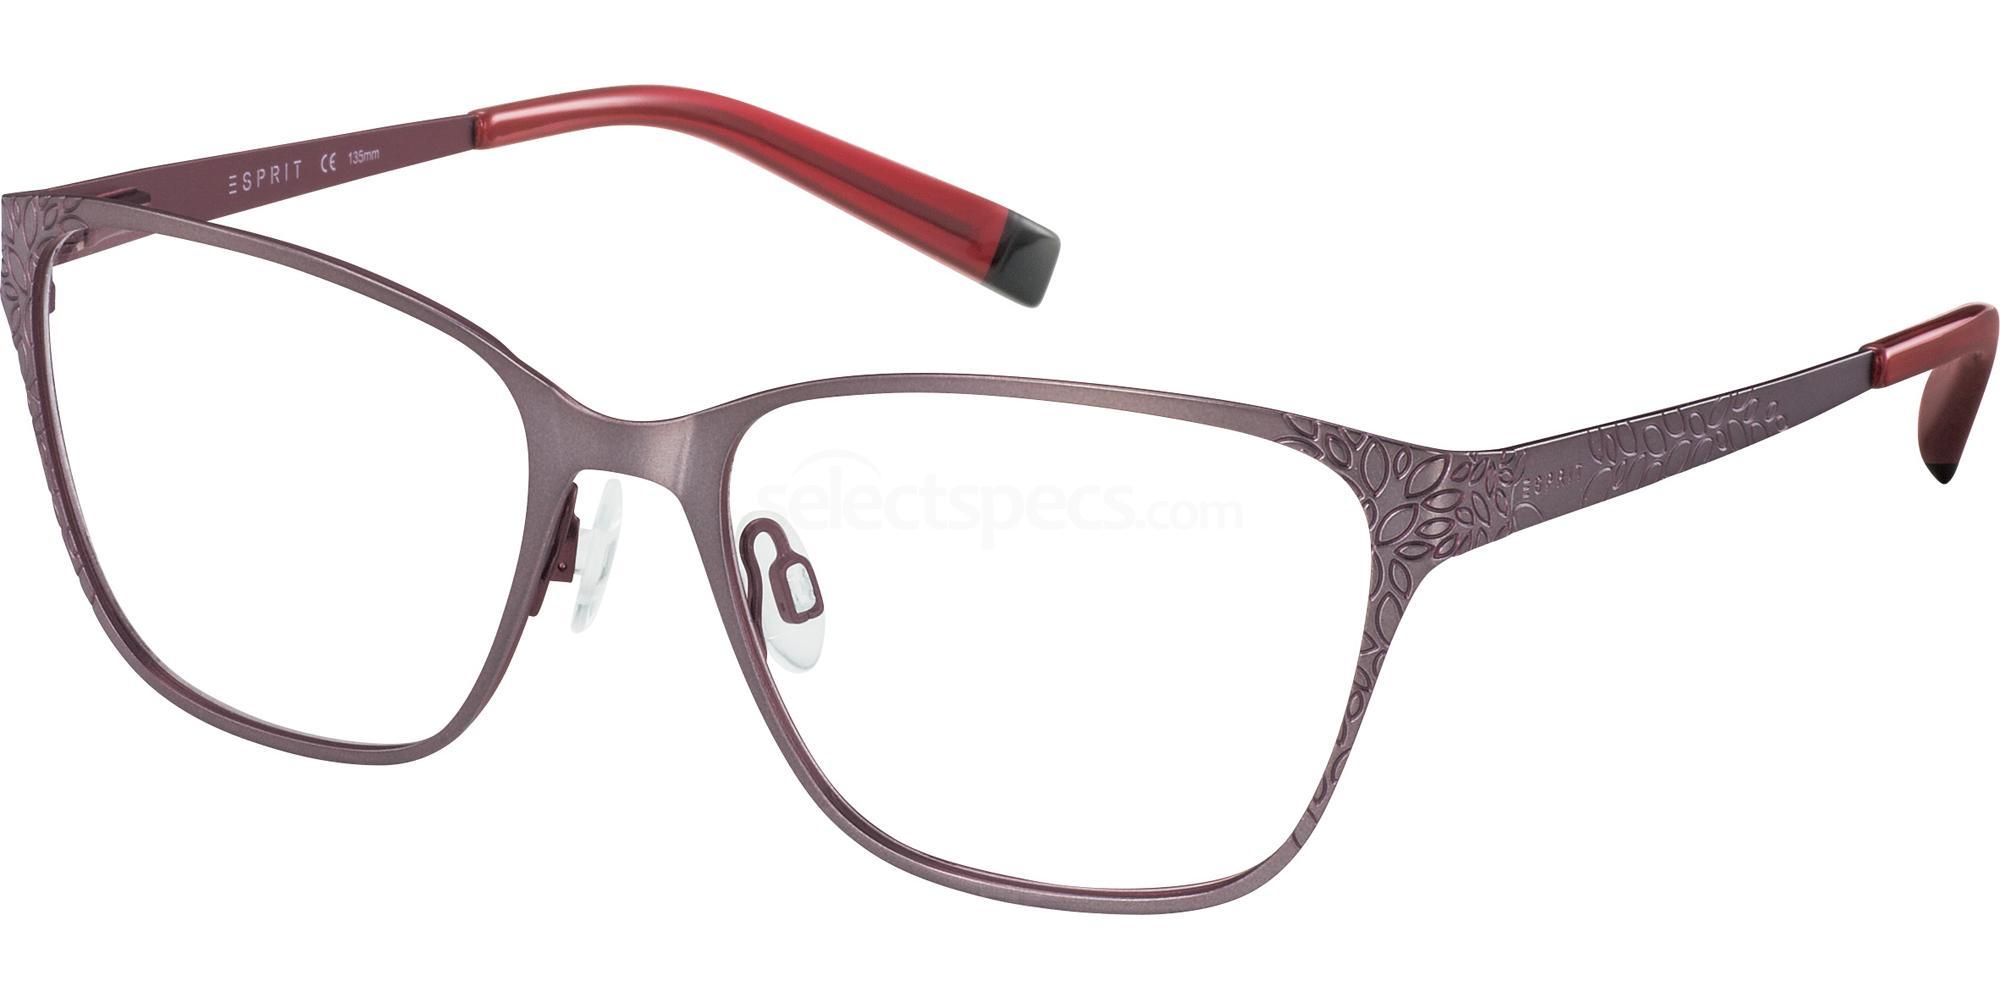 505 ET17496 Glasses, Esprit